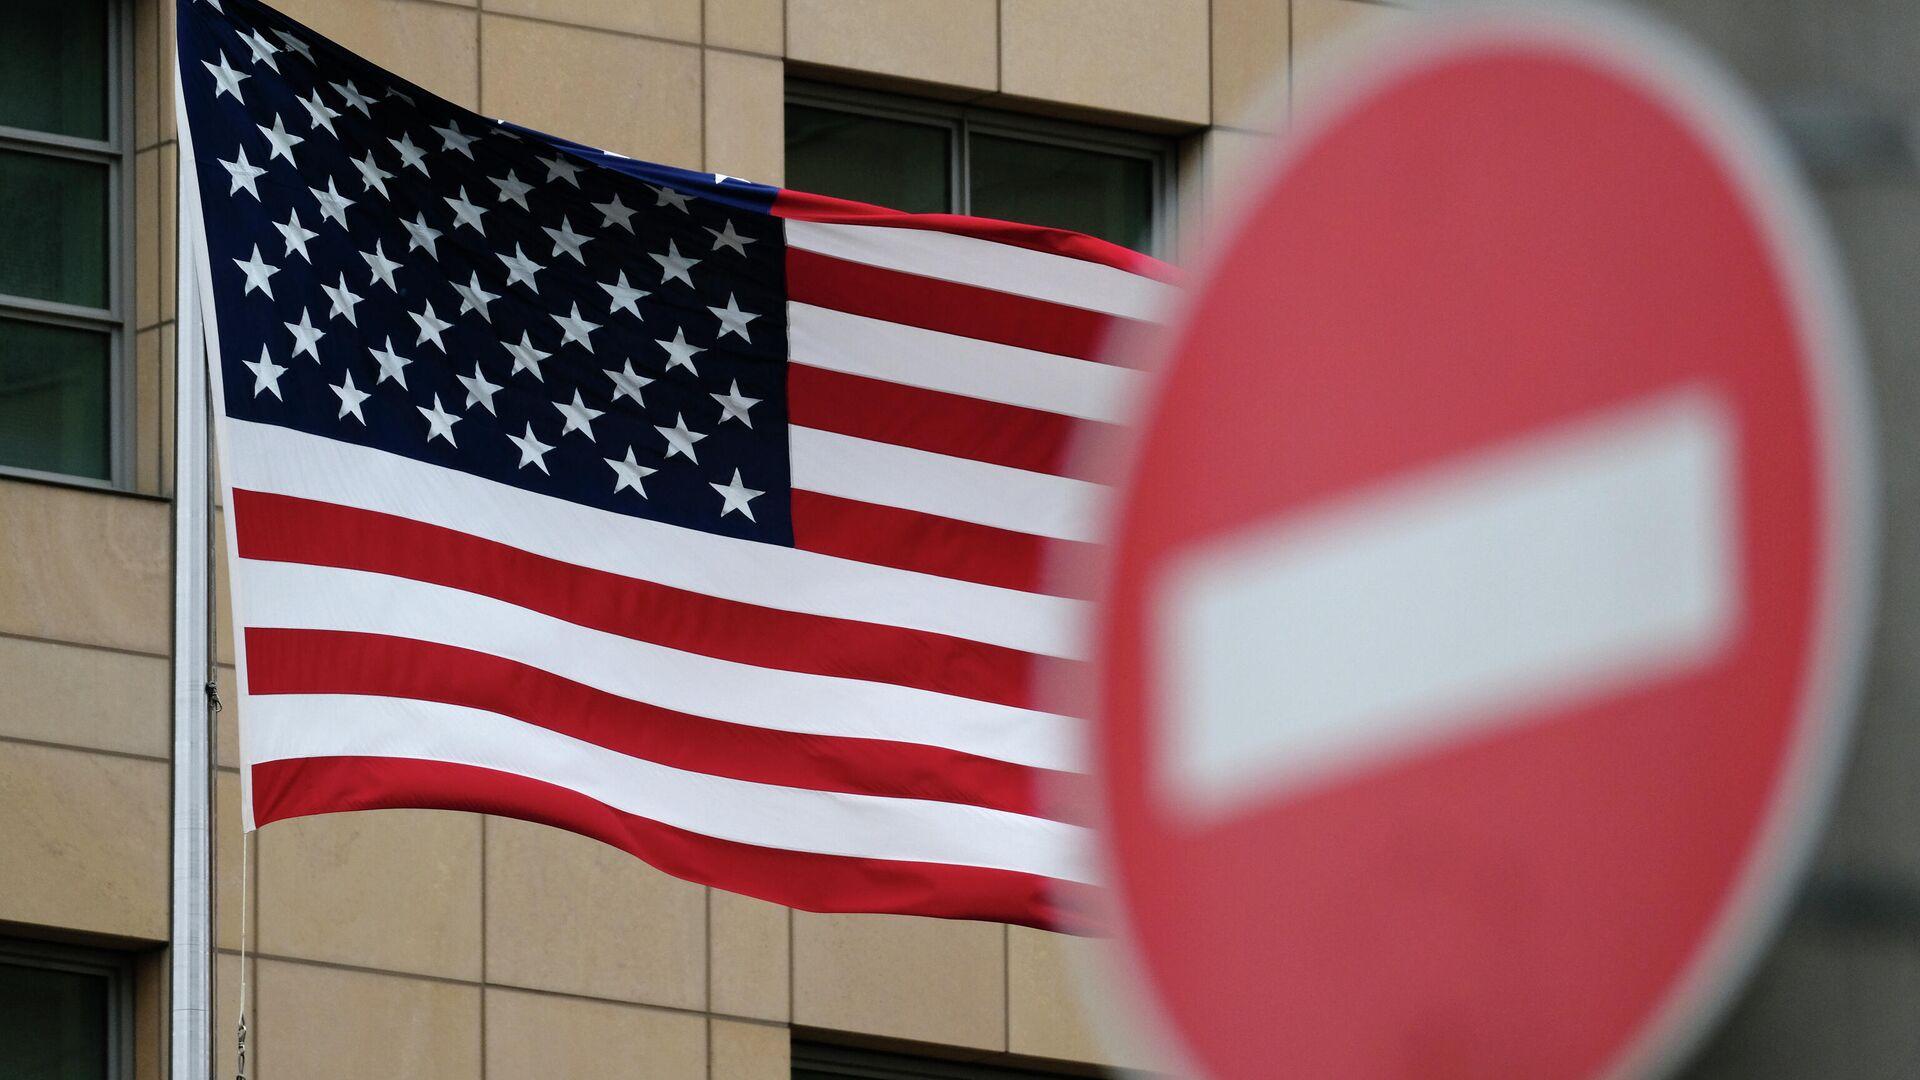 Флаг Соединенных Штатов Америки - РИА Новости, 1920, 02.03.2021